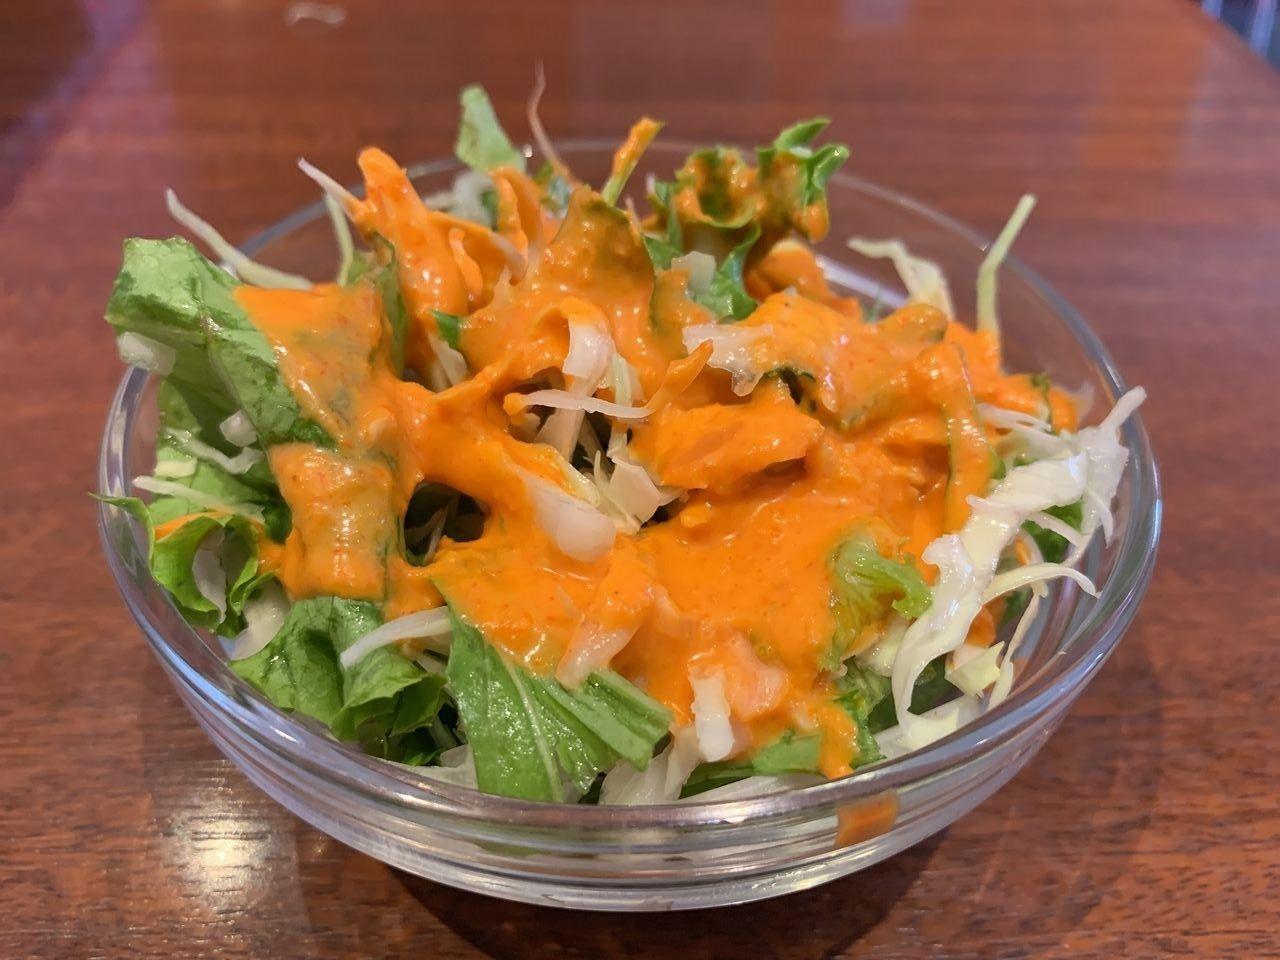 ランチセットのサラダはドレッシングが濃厚でおいしかったです!